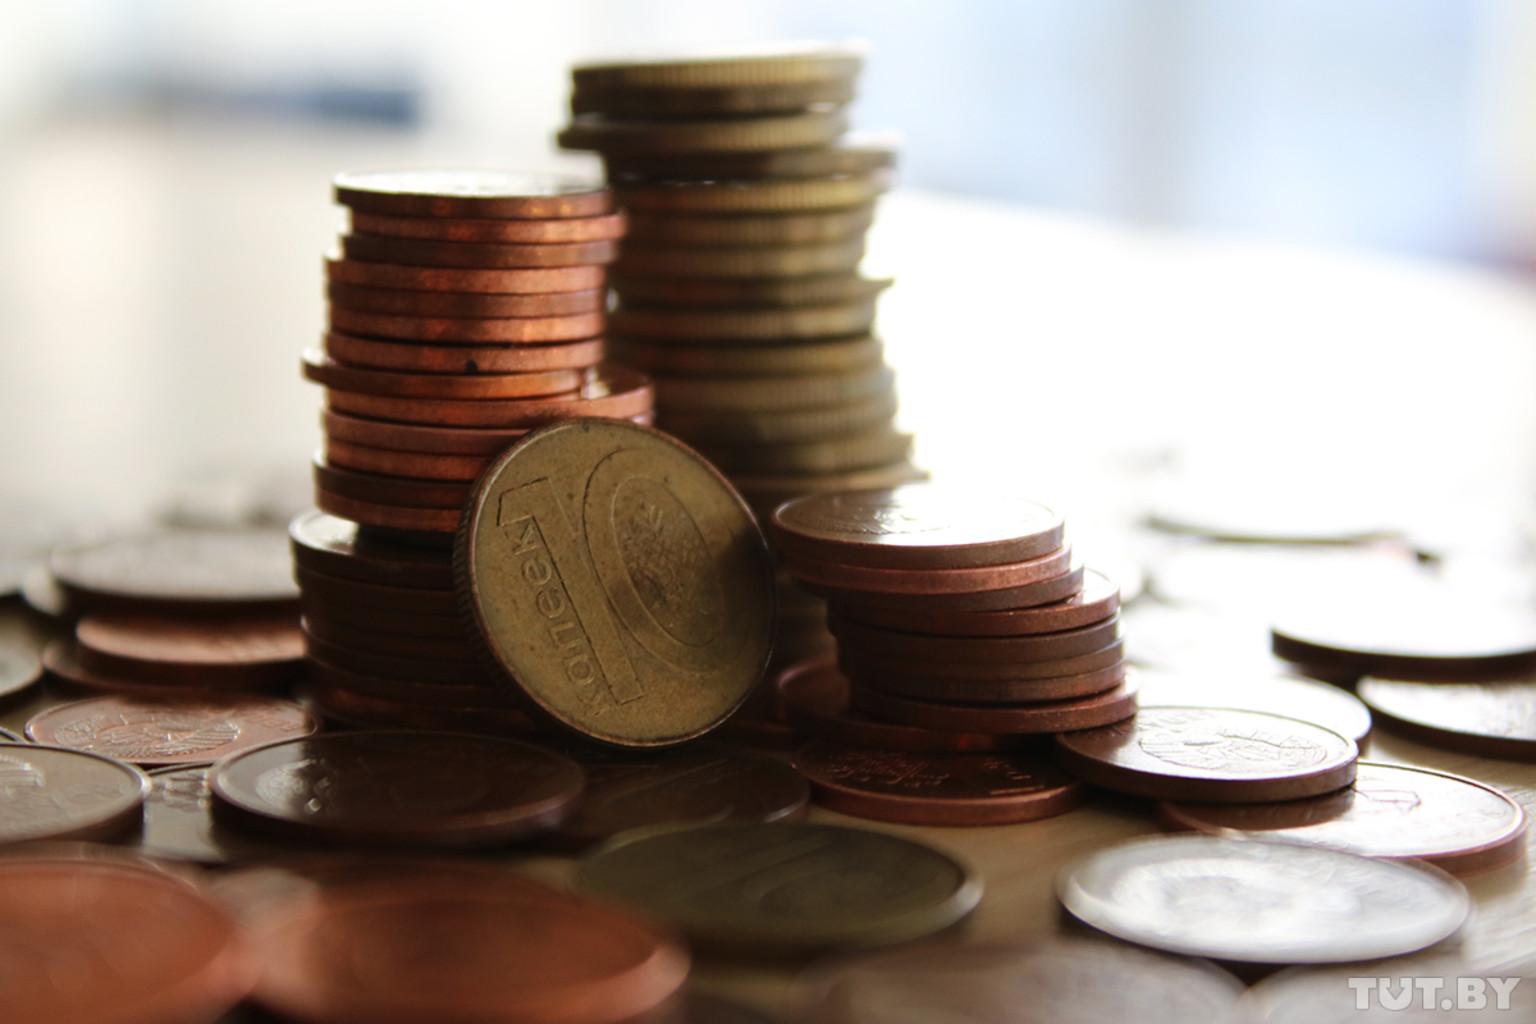 Dengi monety kopeyki rubli zarplata pensiya 5